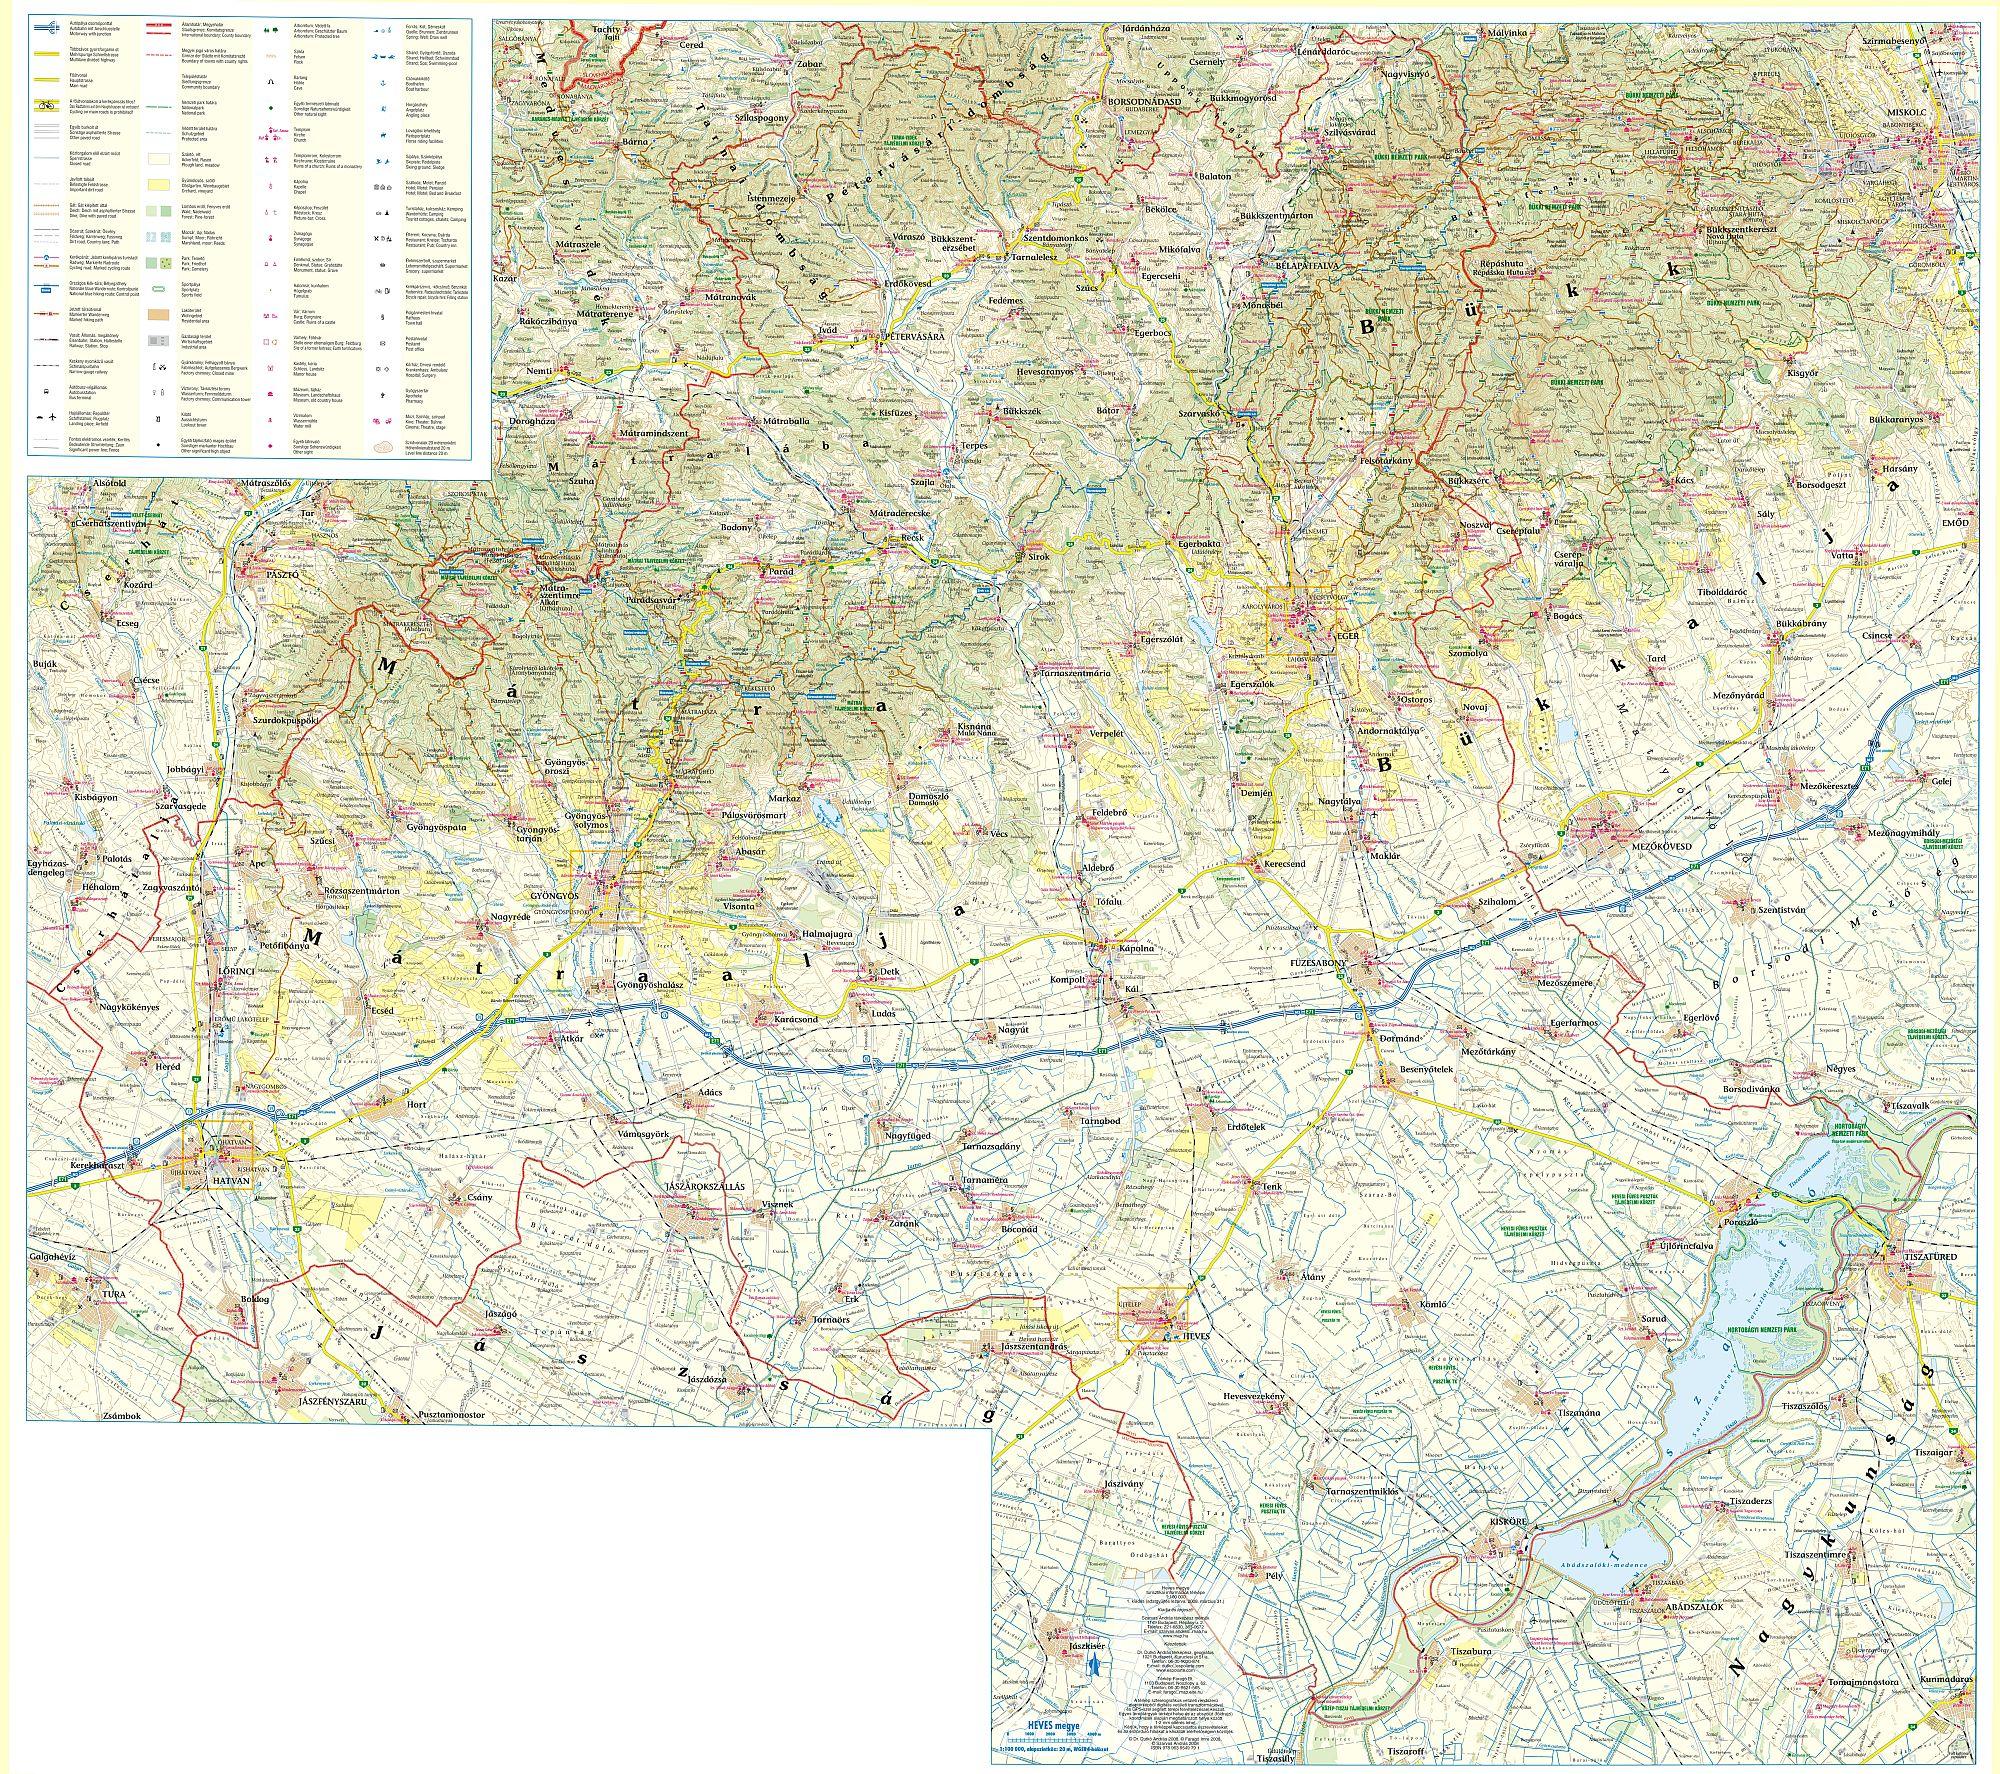 Részletes GPS-kompatibilis turista-biciklis térkép mobil eszközökre